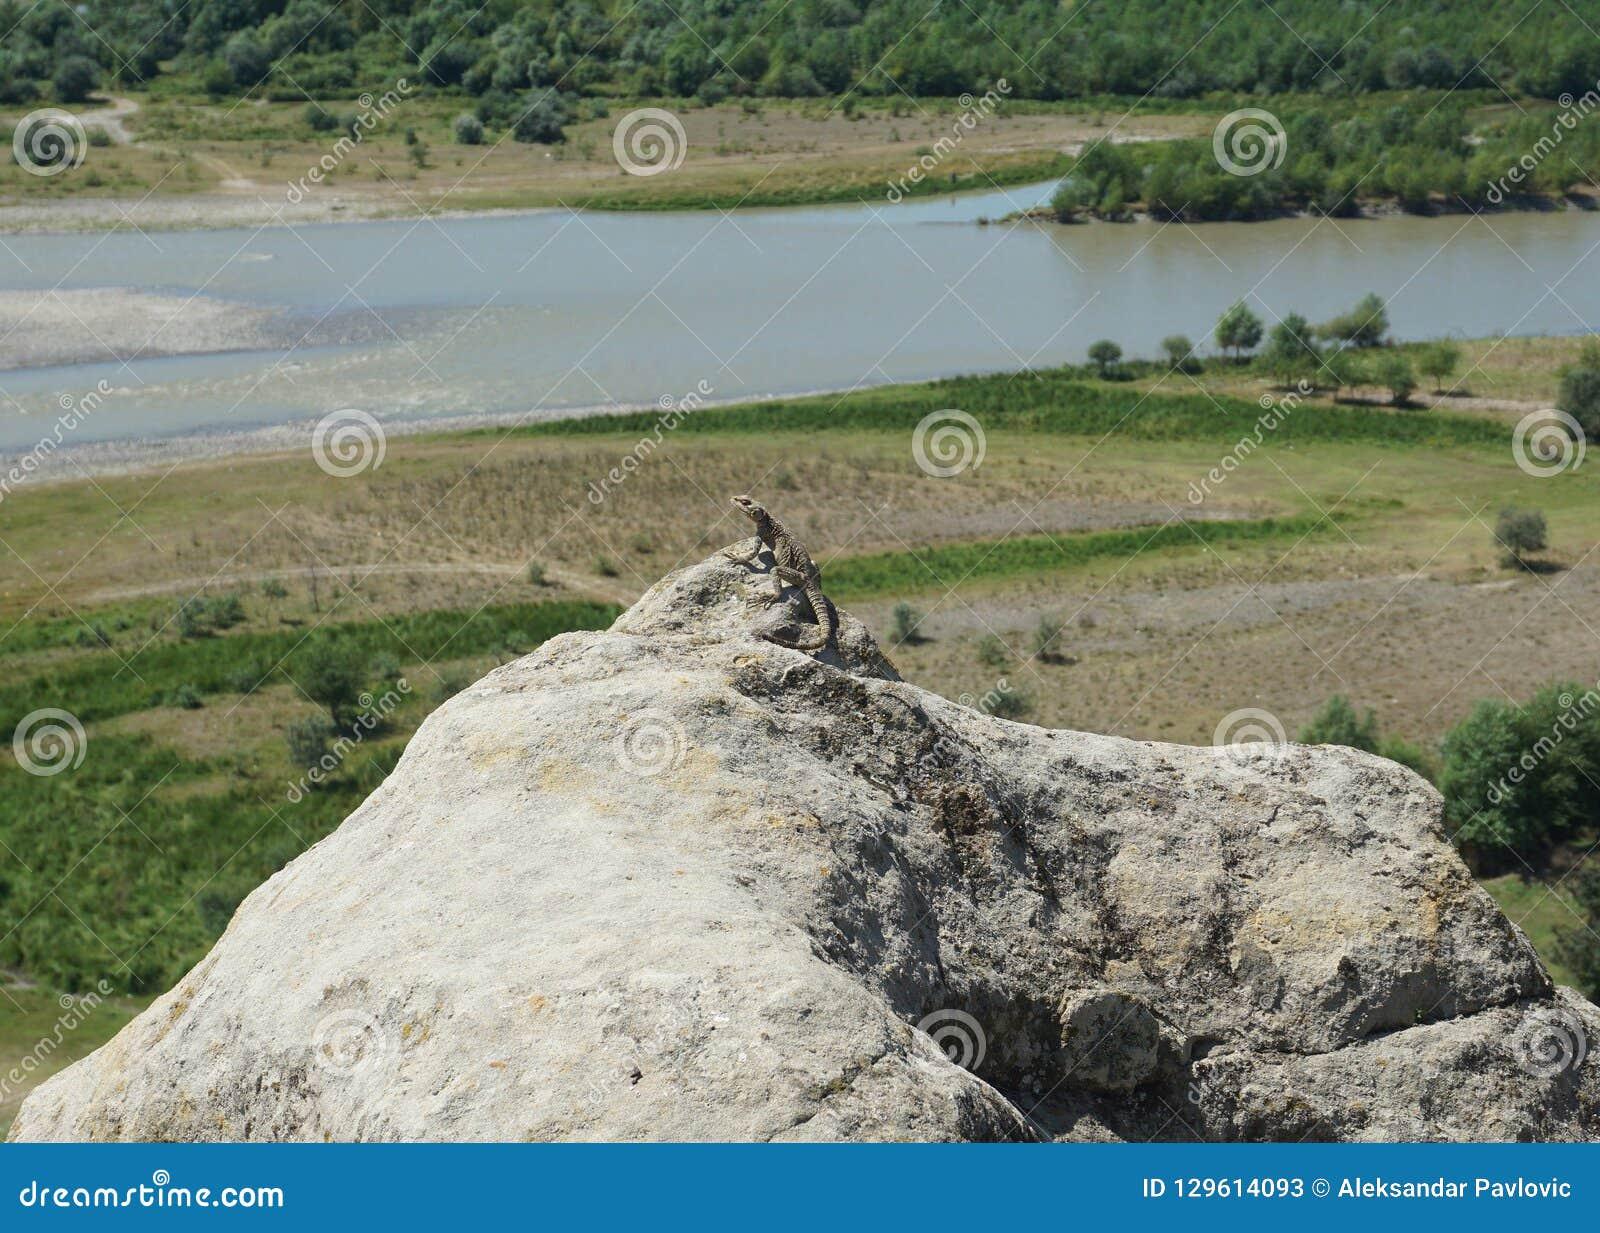 Uplistsikhe Stone Lizard on a Peak